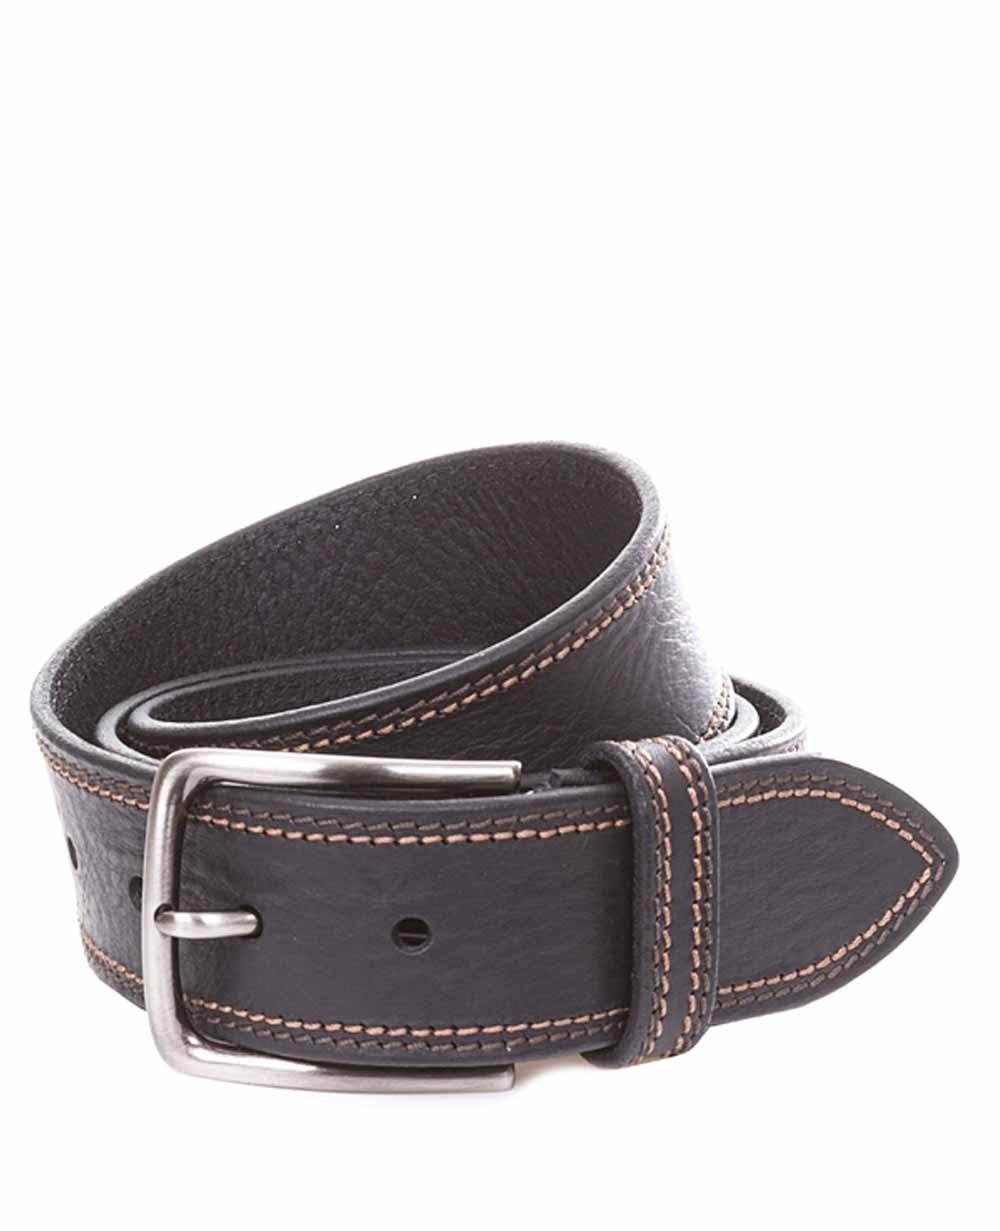 Miguel Bellido Cinturón Jeans Piel Negro 115 (Foto )